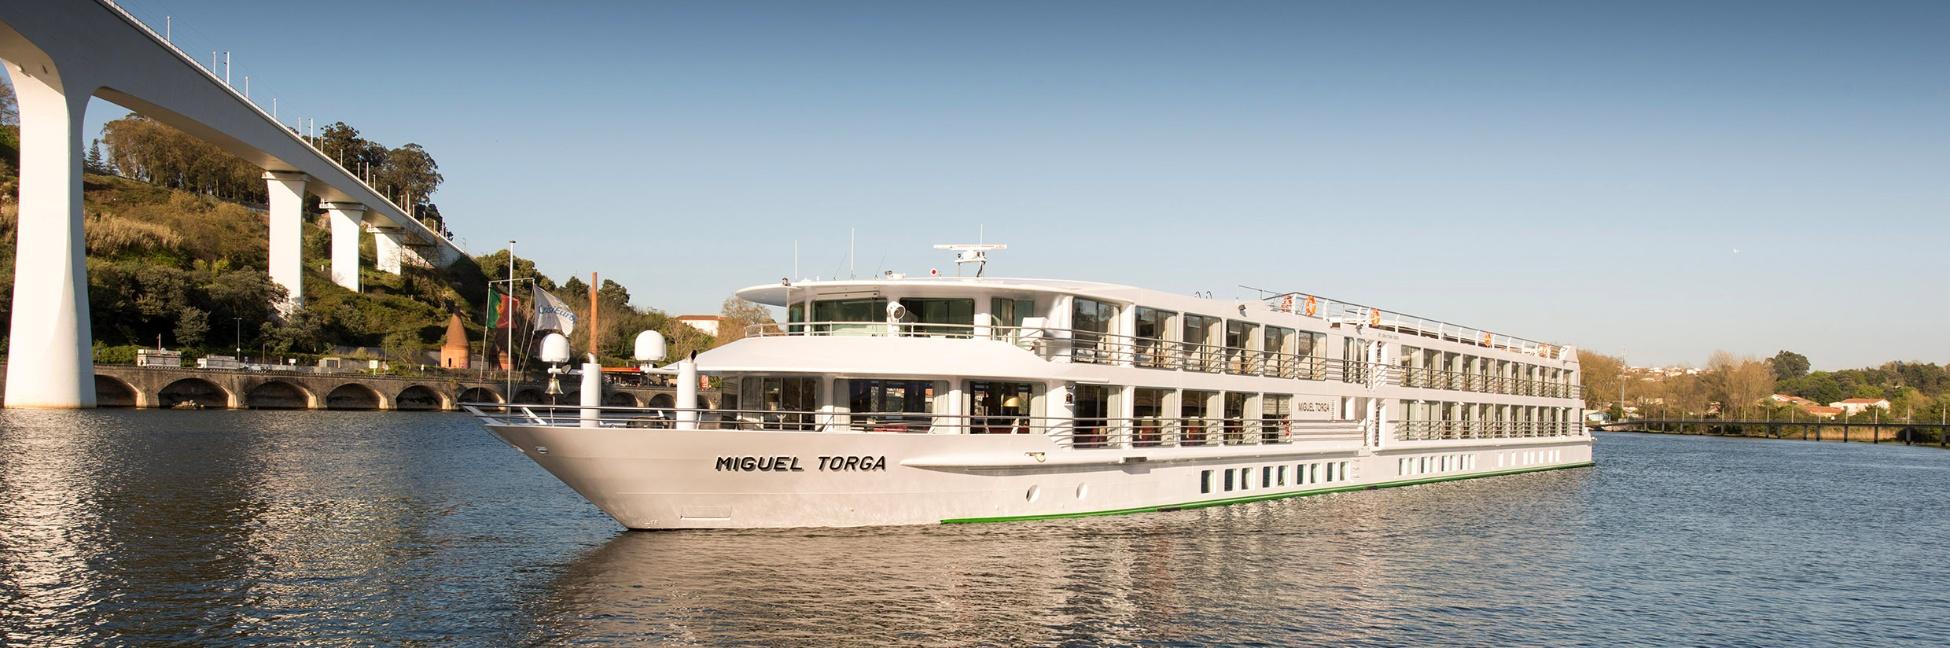 MS Miguel Torga en navigation sur le Douro